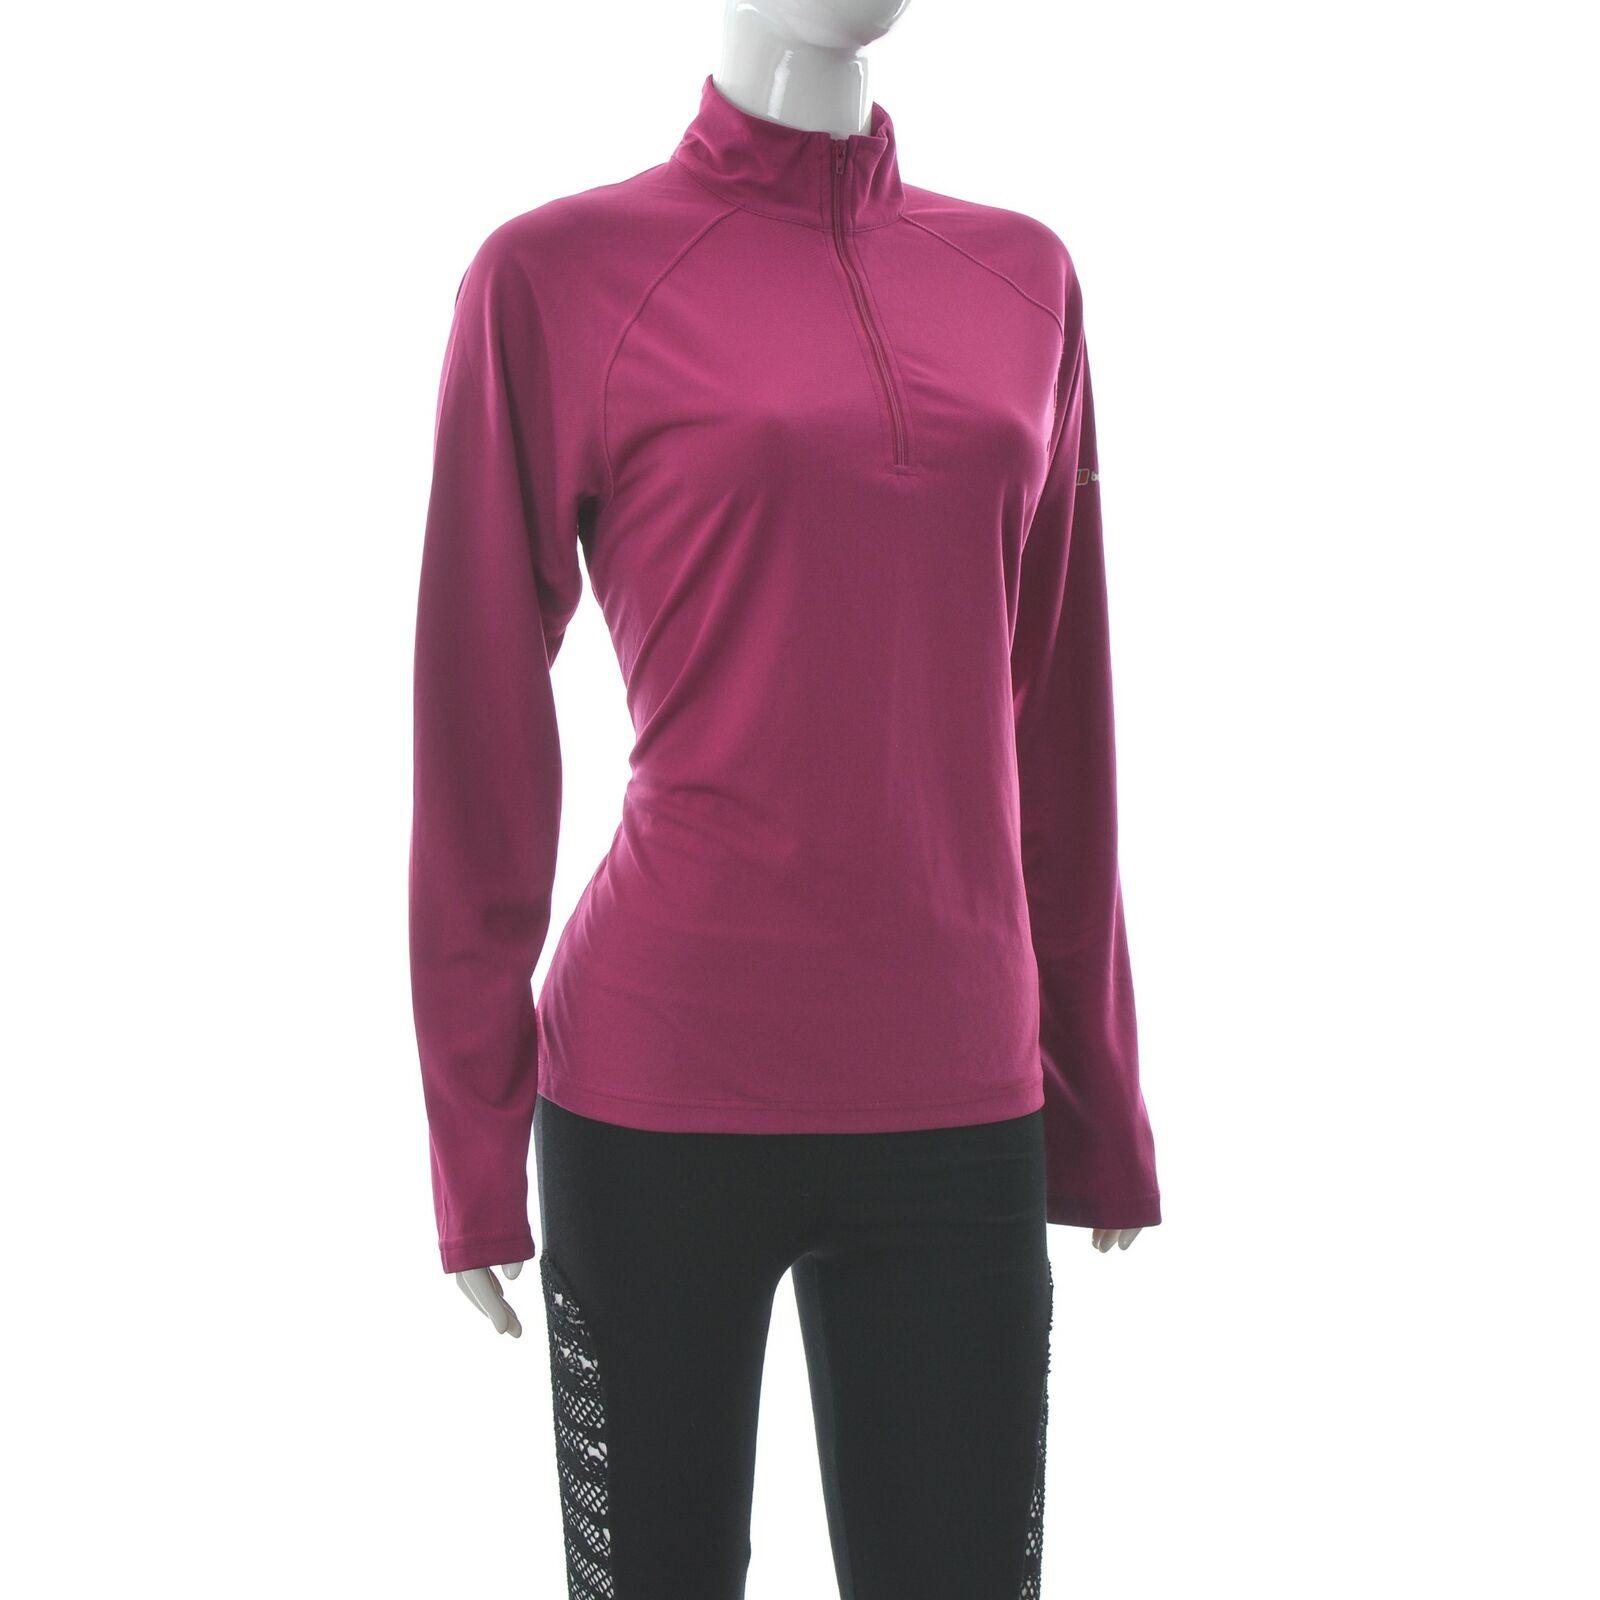 Berghaus Womens Half Zip Fleece Jacket Sportswear Jumper Size 14